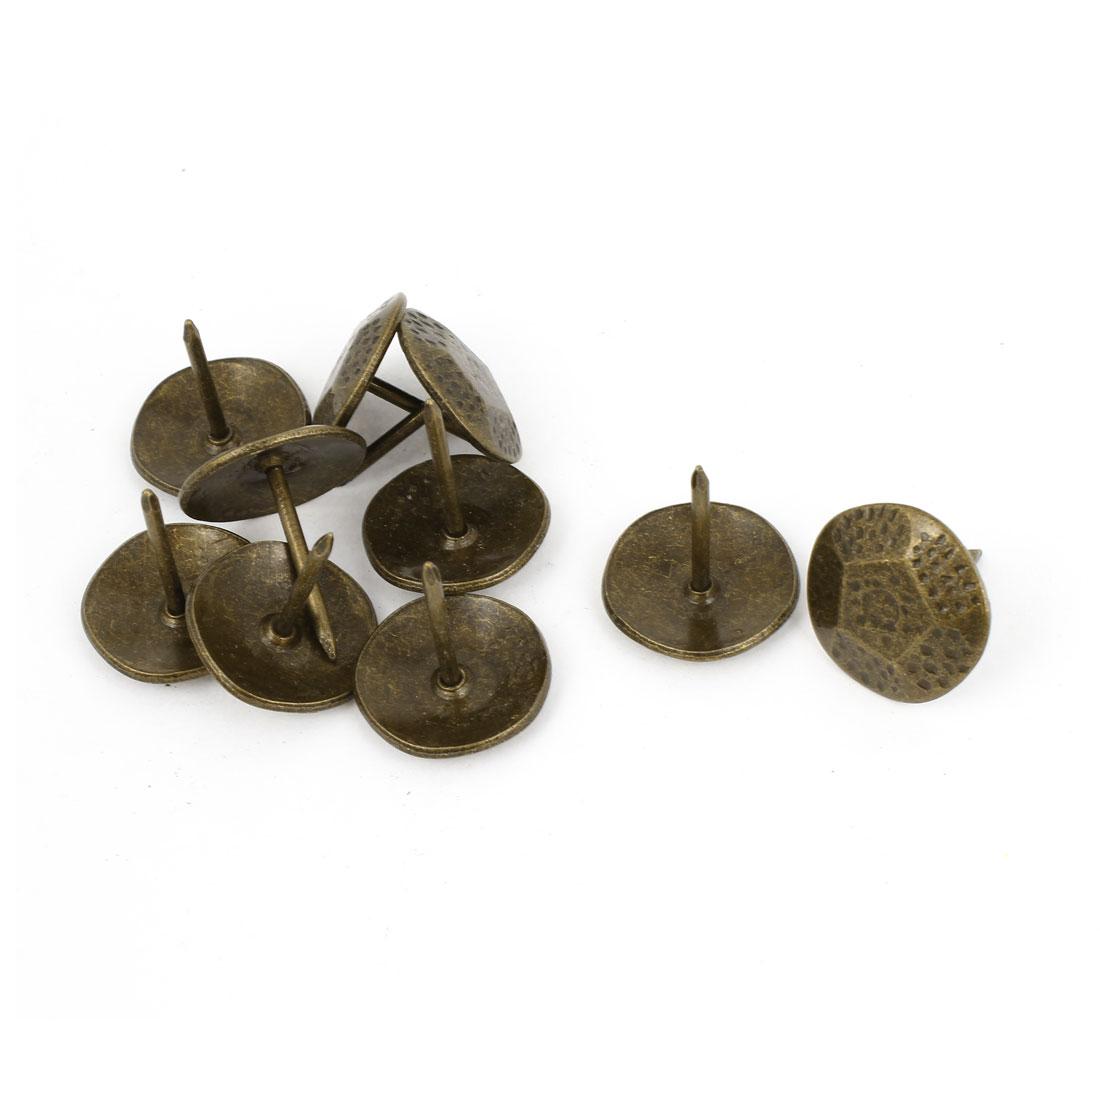 10 Pcs Bronze Tone Tortoise Back Shaped Notice Board Pushpins Thumb Tacks